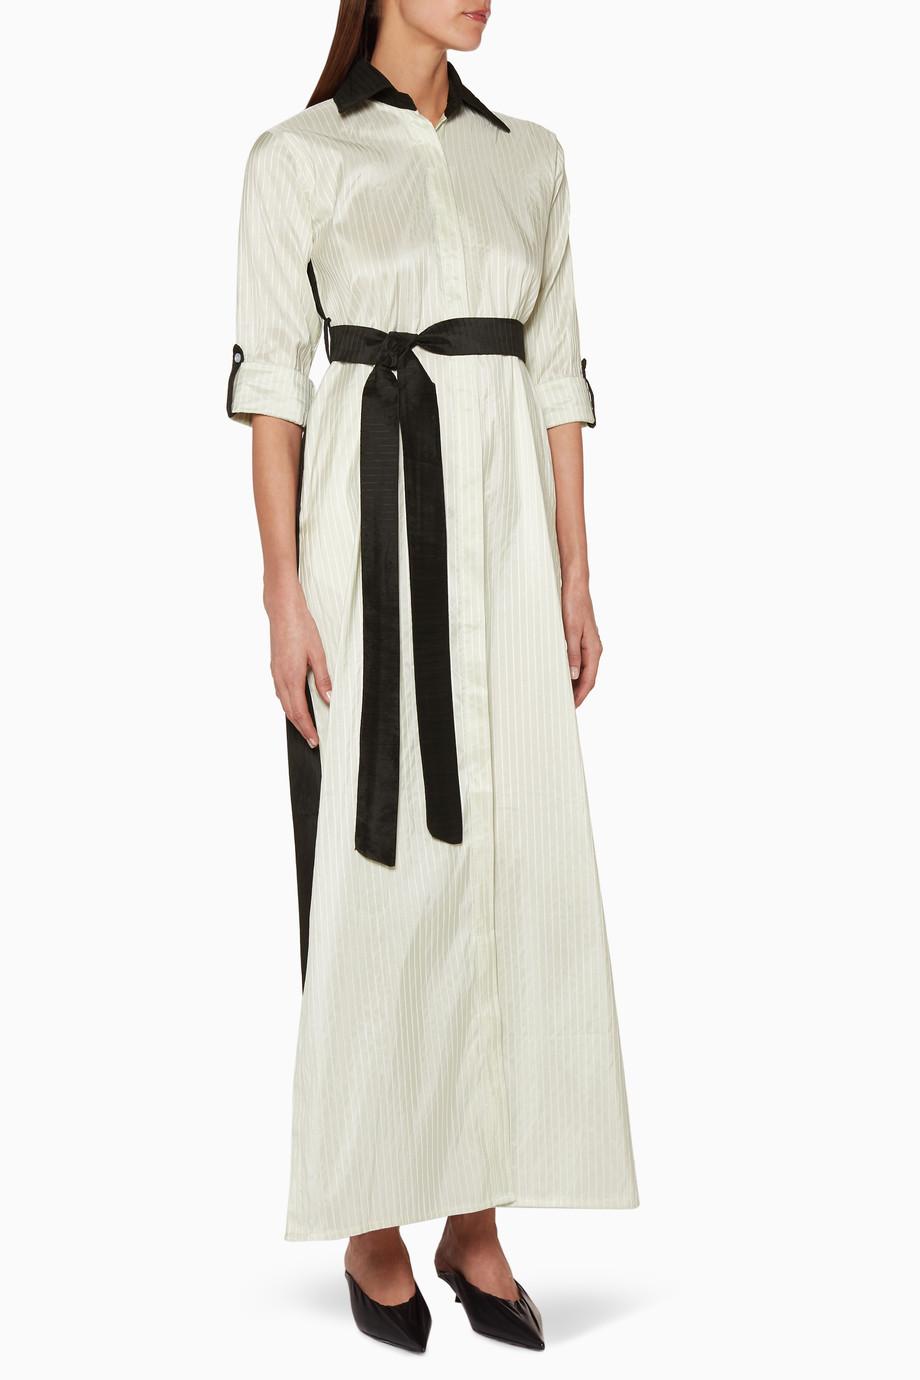 5f2f13ec16bf3 تسوق فستان بنمط قميص حريري متعدد الألوان Nora Al Shaikh ملون للنساء ...